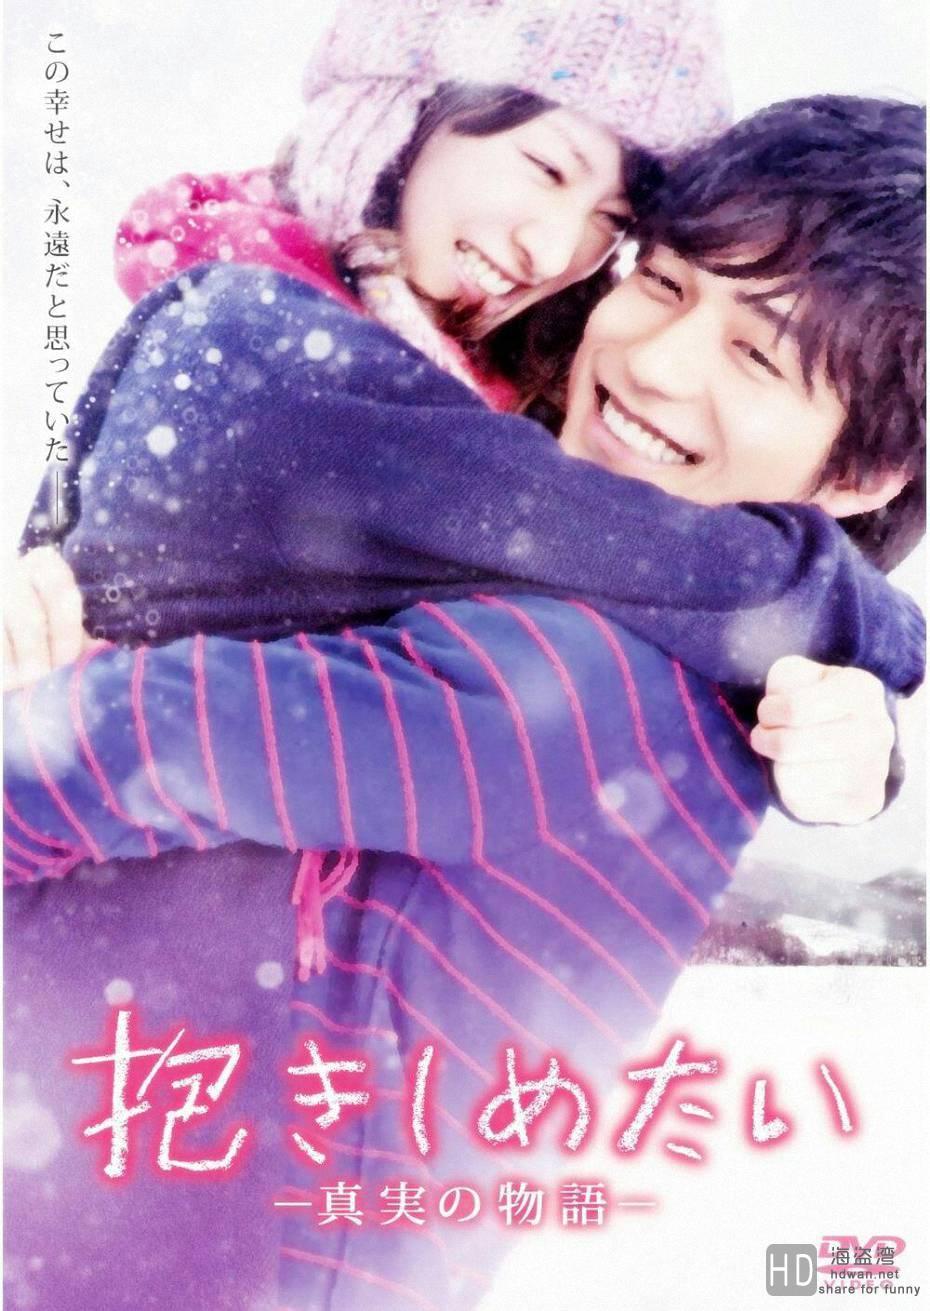 [2014][日本][想要拥抱你 I Just Wanna Hug You][720P/高清电影下载][中文字幕]